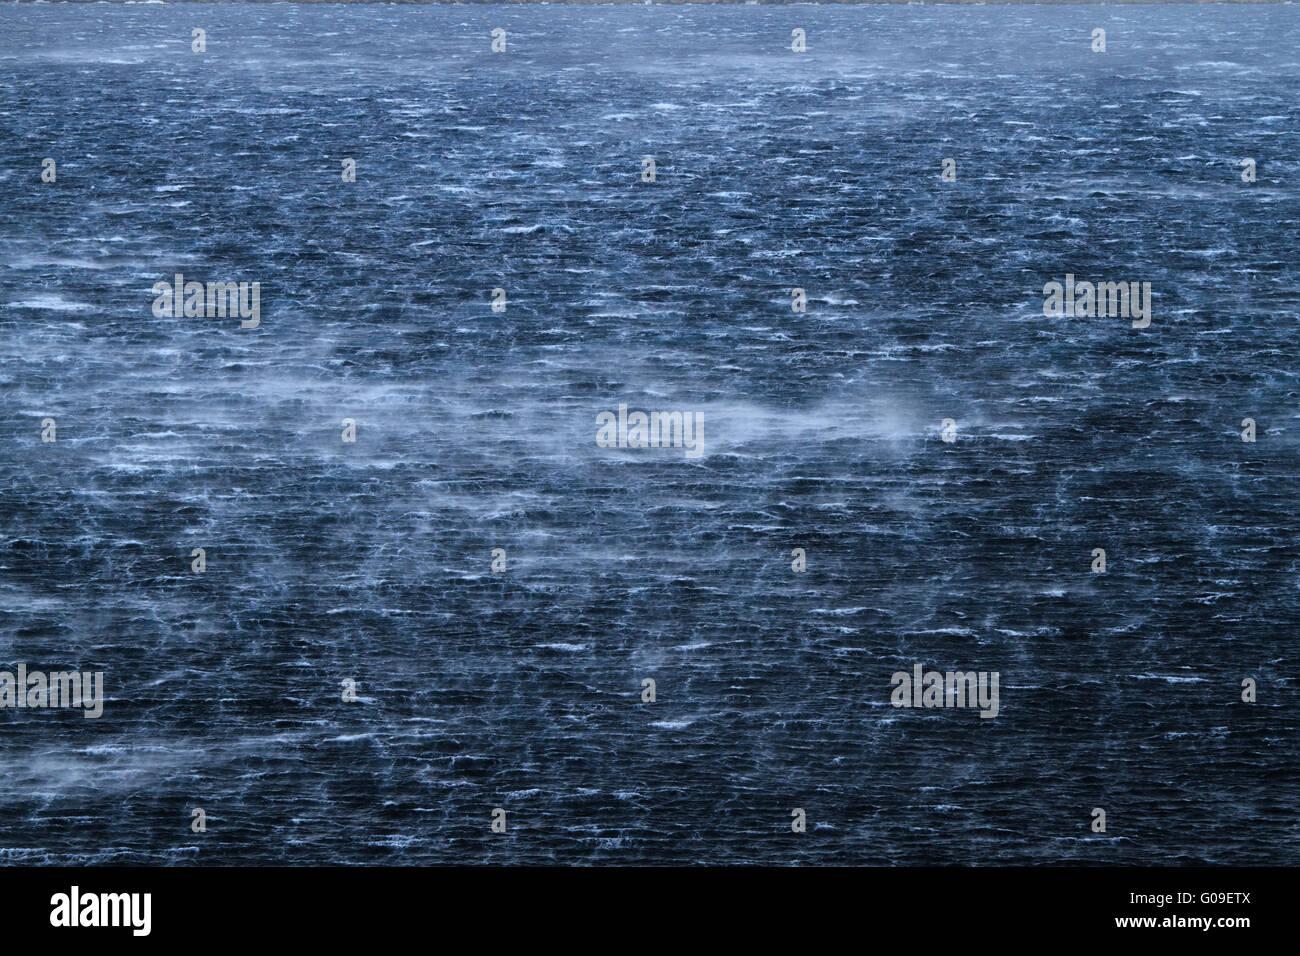 Mar embravecido con olas furiosas y feroz viento Imagen De Stock